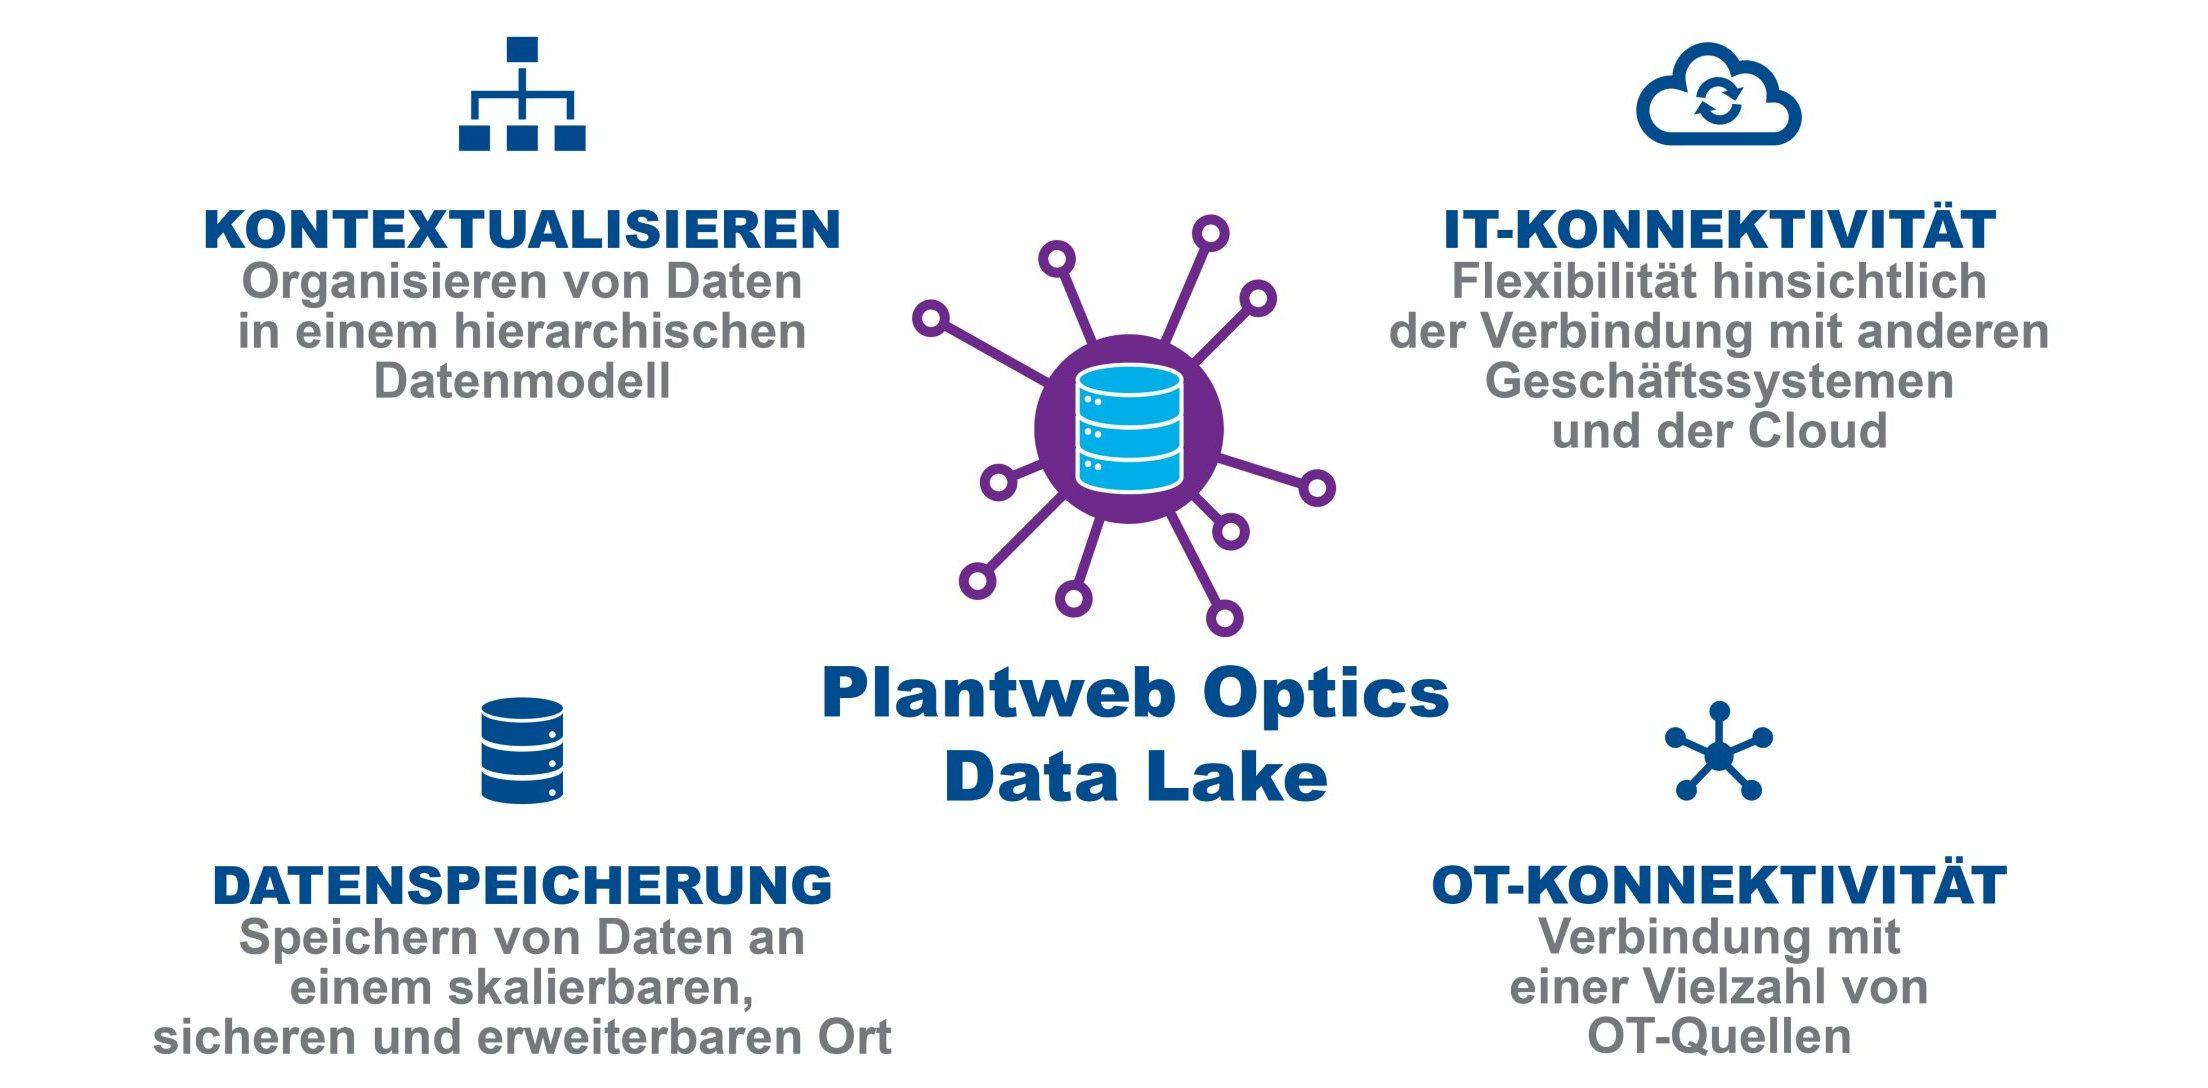 Die Datenmanagement-Anwendung von Emerson kann auf verschiedenen Cloud-Computing-Plattformen ausgeführt werden. (Bild: Emerson Industrial Automation)